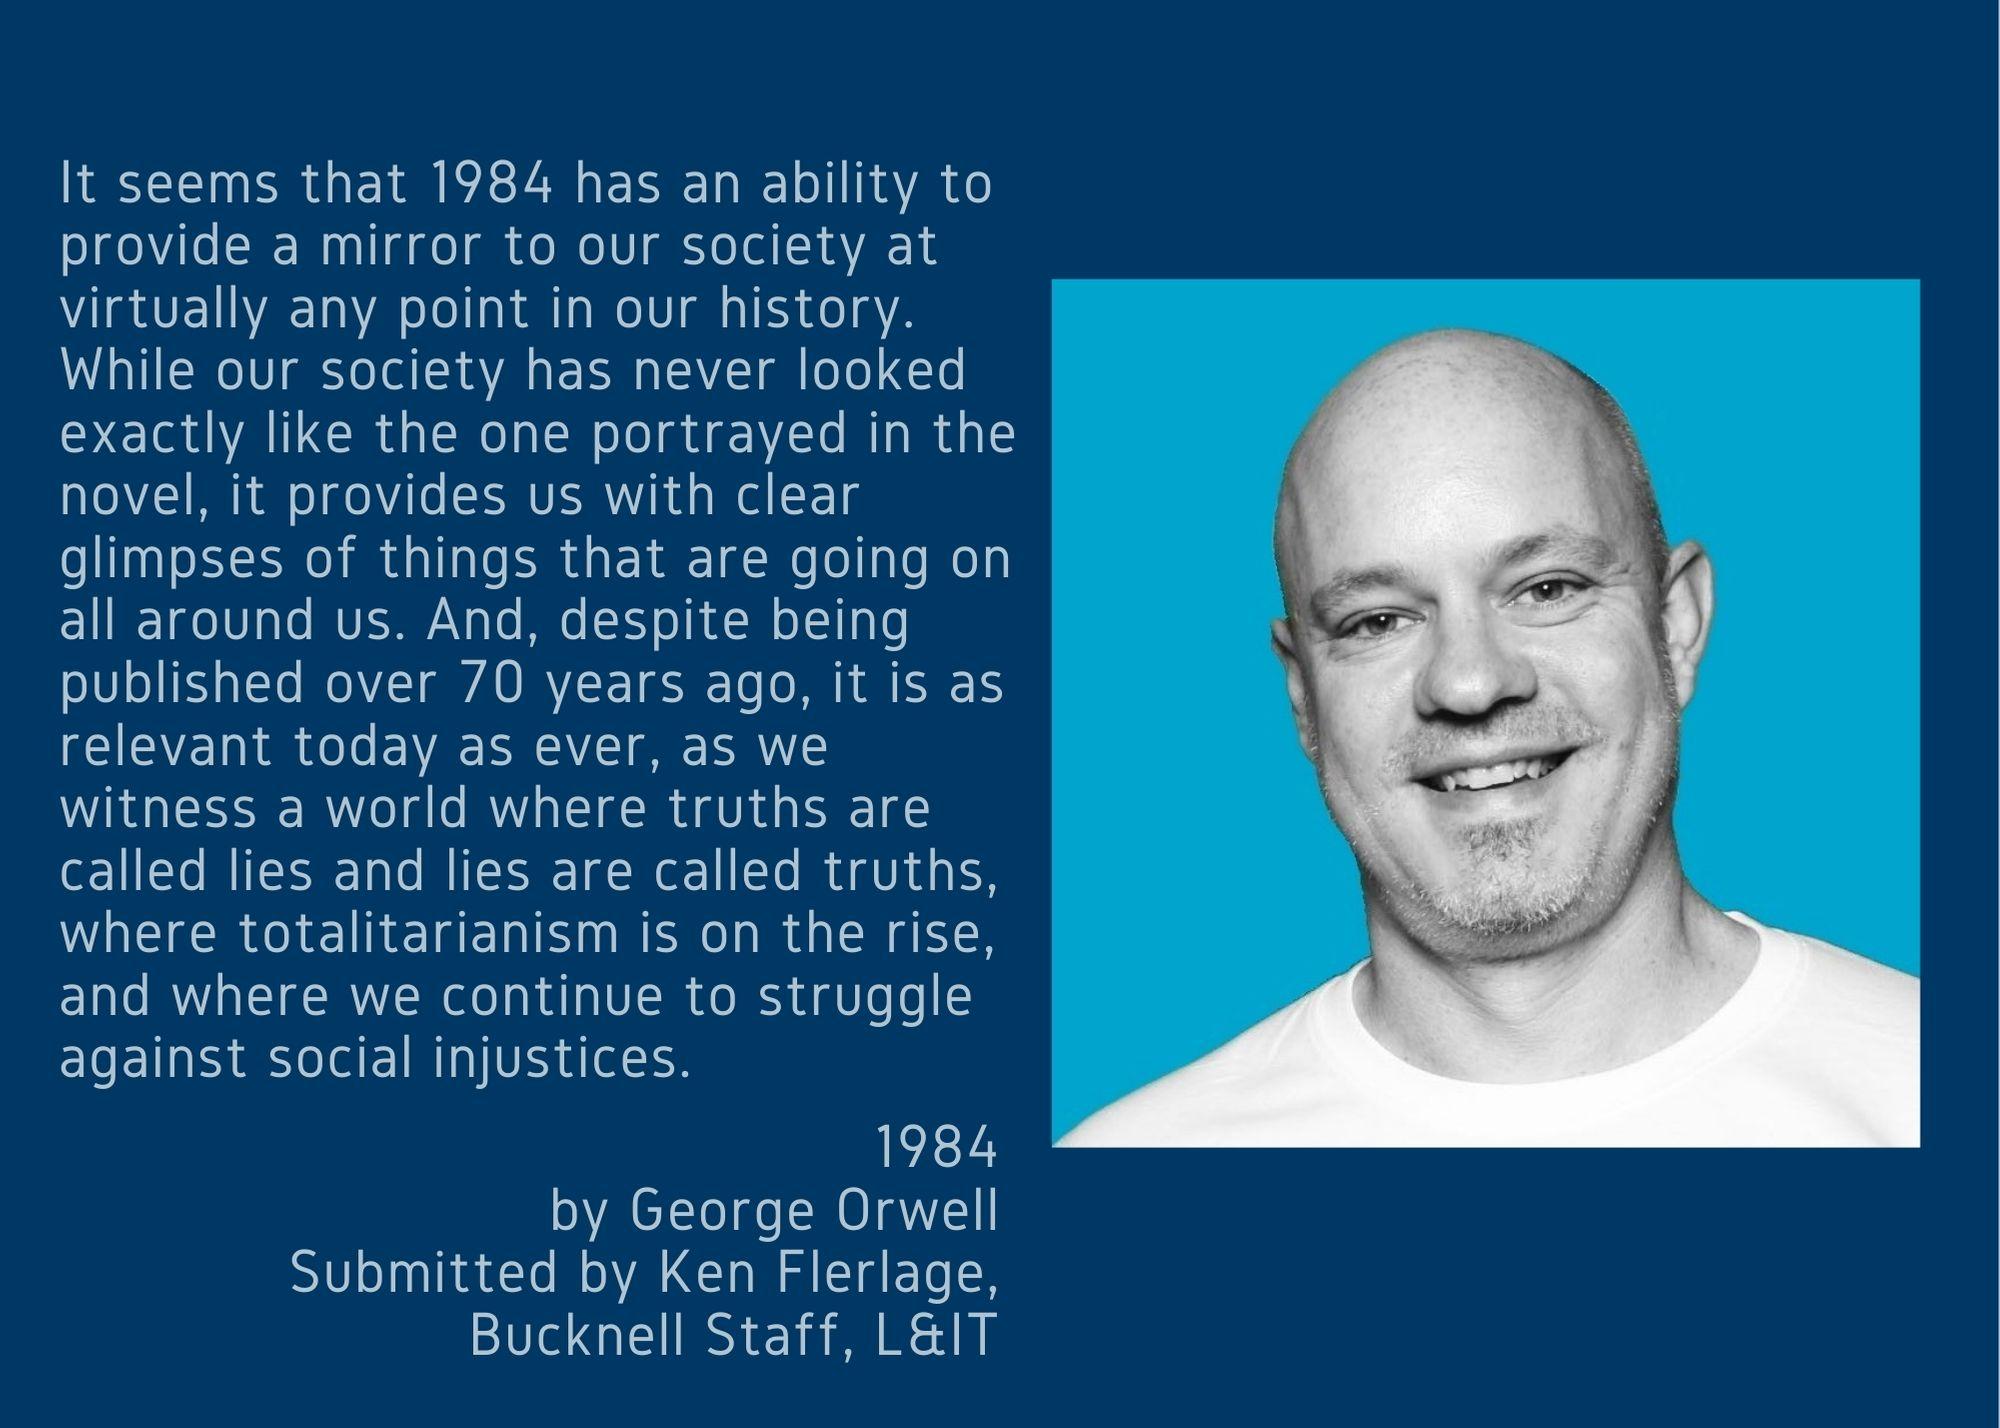 Ken Flerlage and 1984